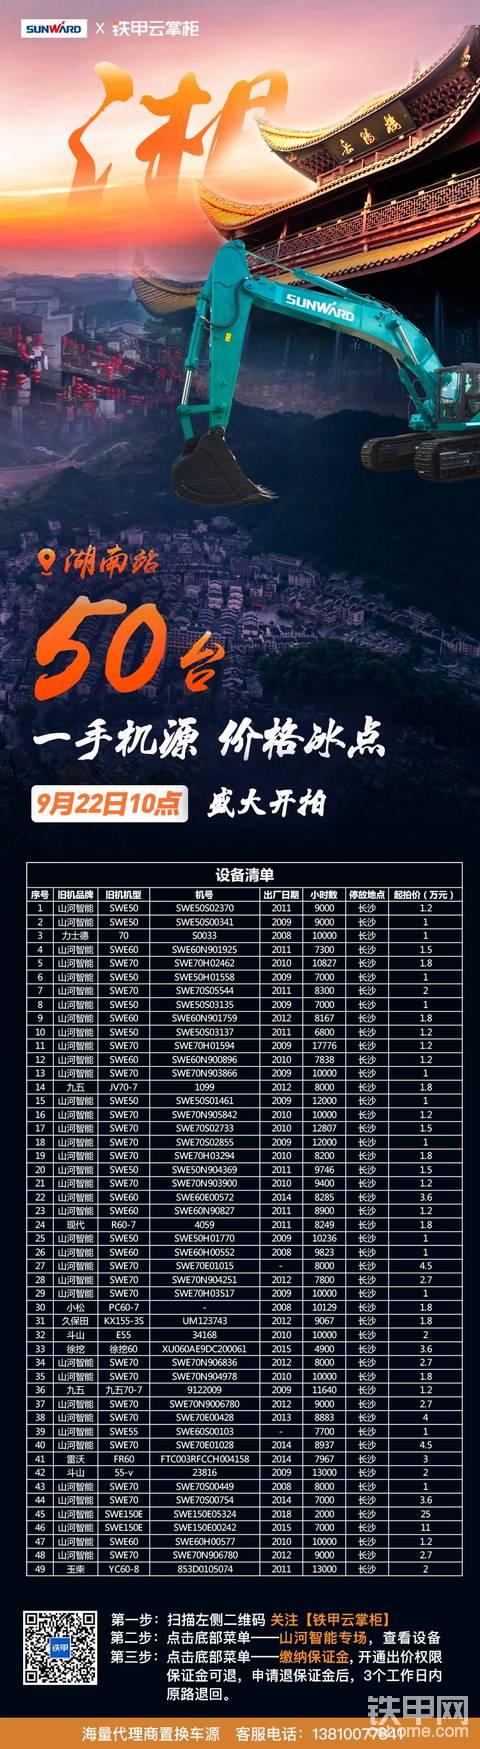 50台设备1万元起拍!山河智能湖南专场拍,震撼来袭!!